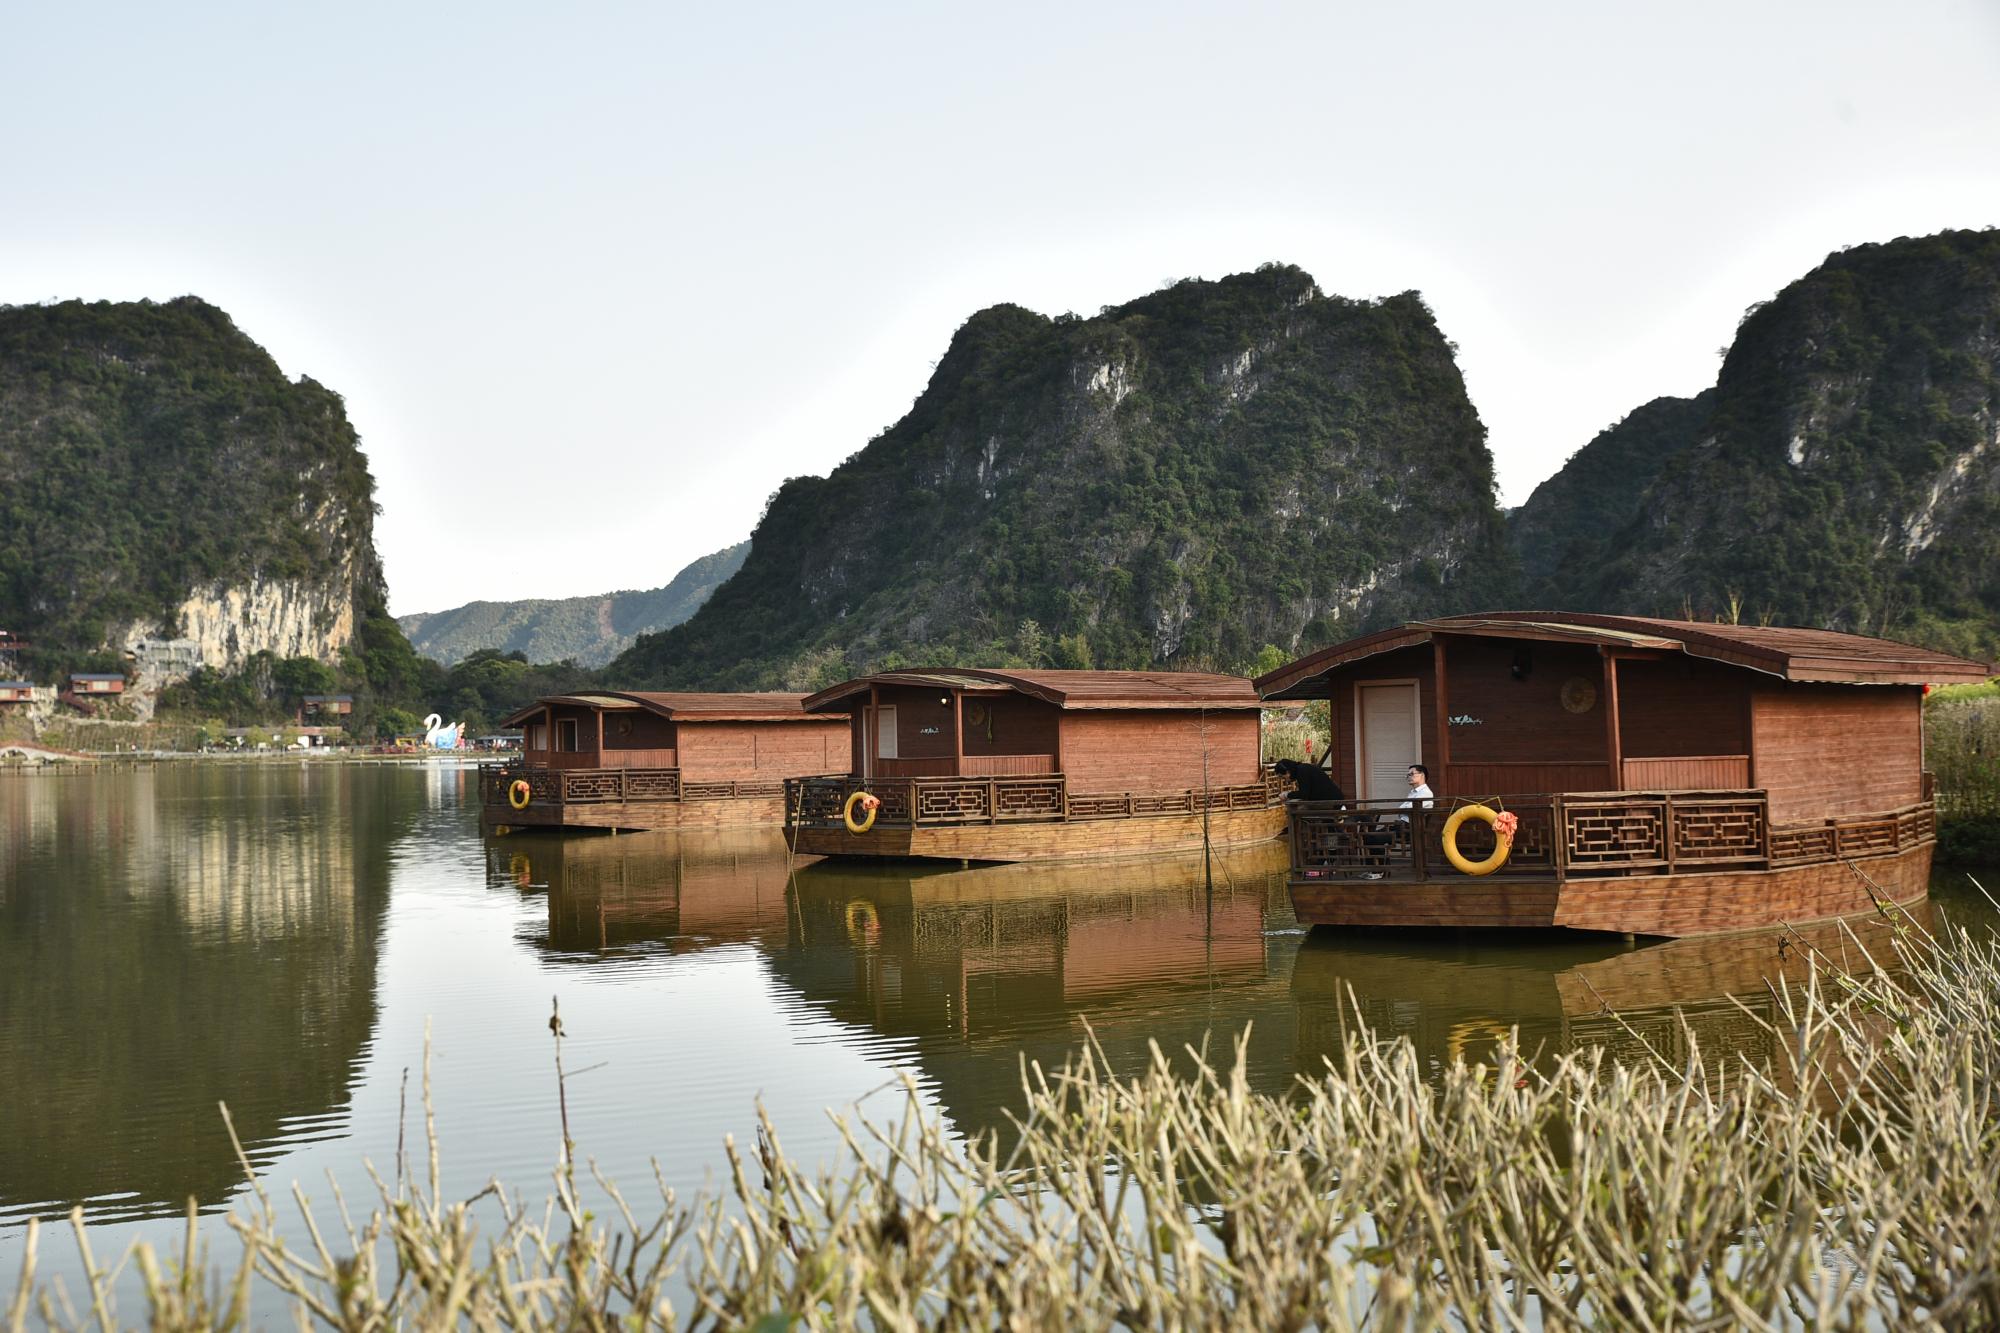 广东最大的地级市,相当于11个珠海,这里被称作广州人的后花园